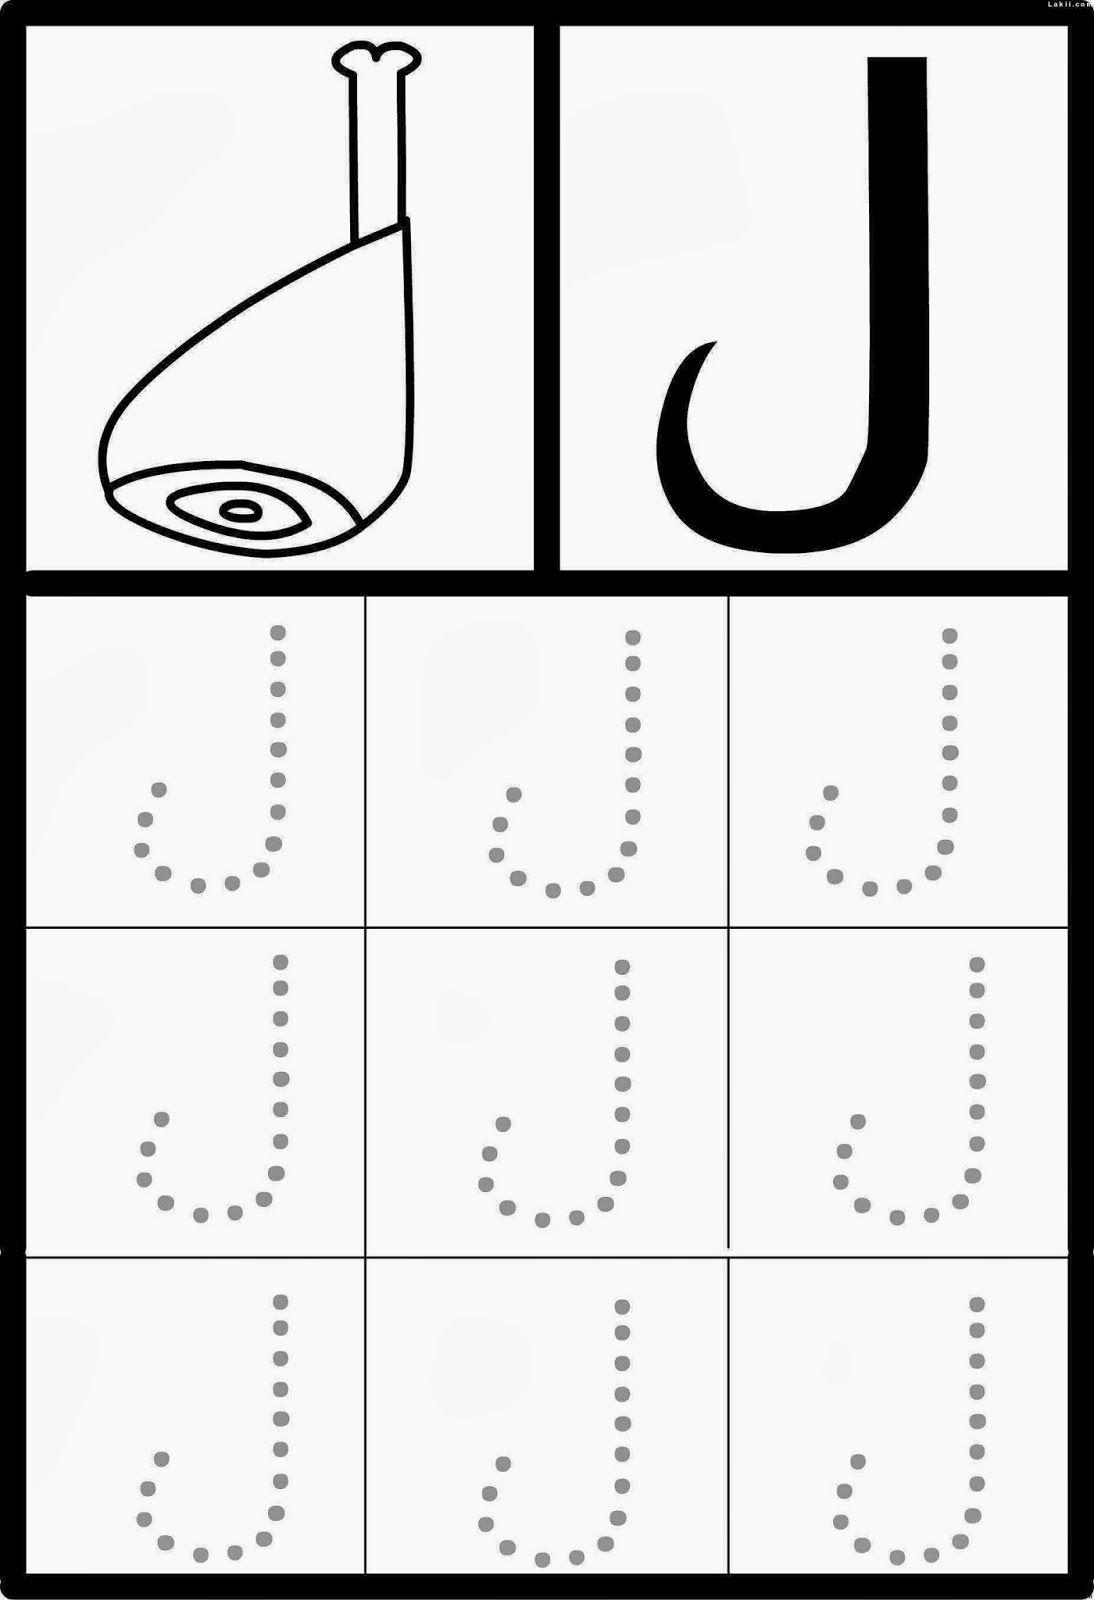 التدريب على كتابة حروف الهجاء روضة العلم للاطفال Arabic Alphabet For Kids Arabic Alphabet Learning Arabic